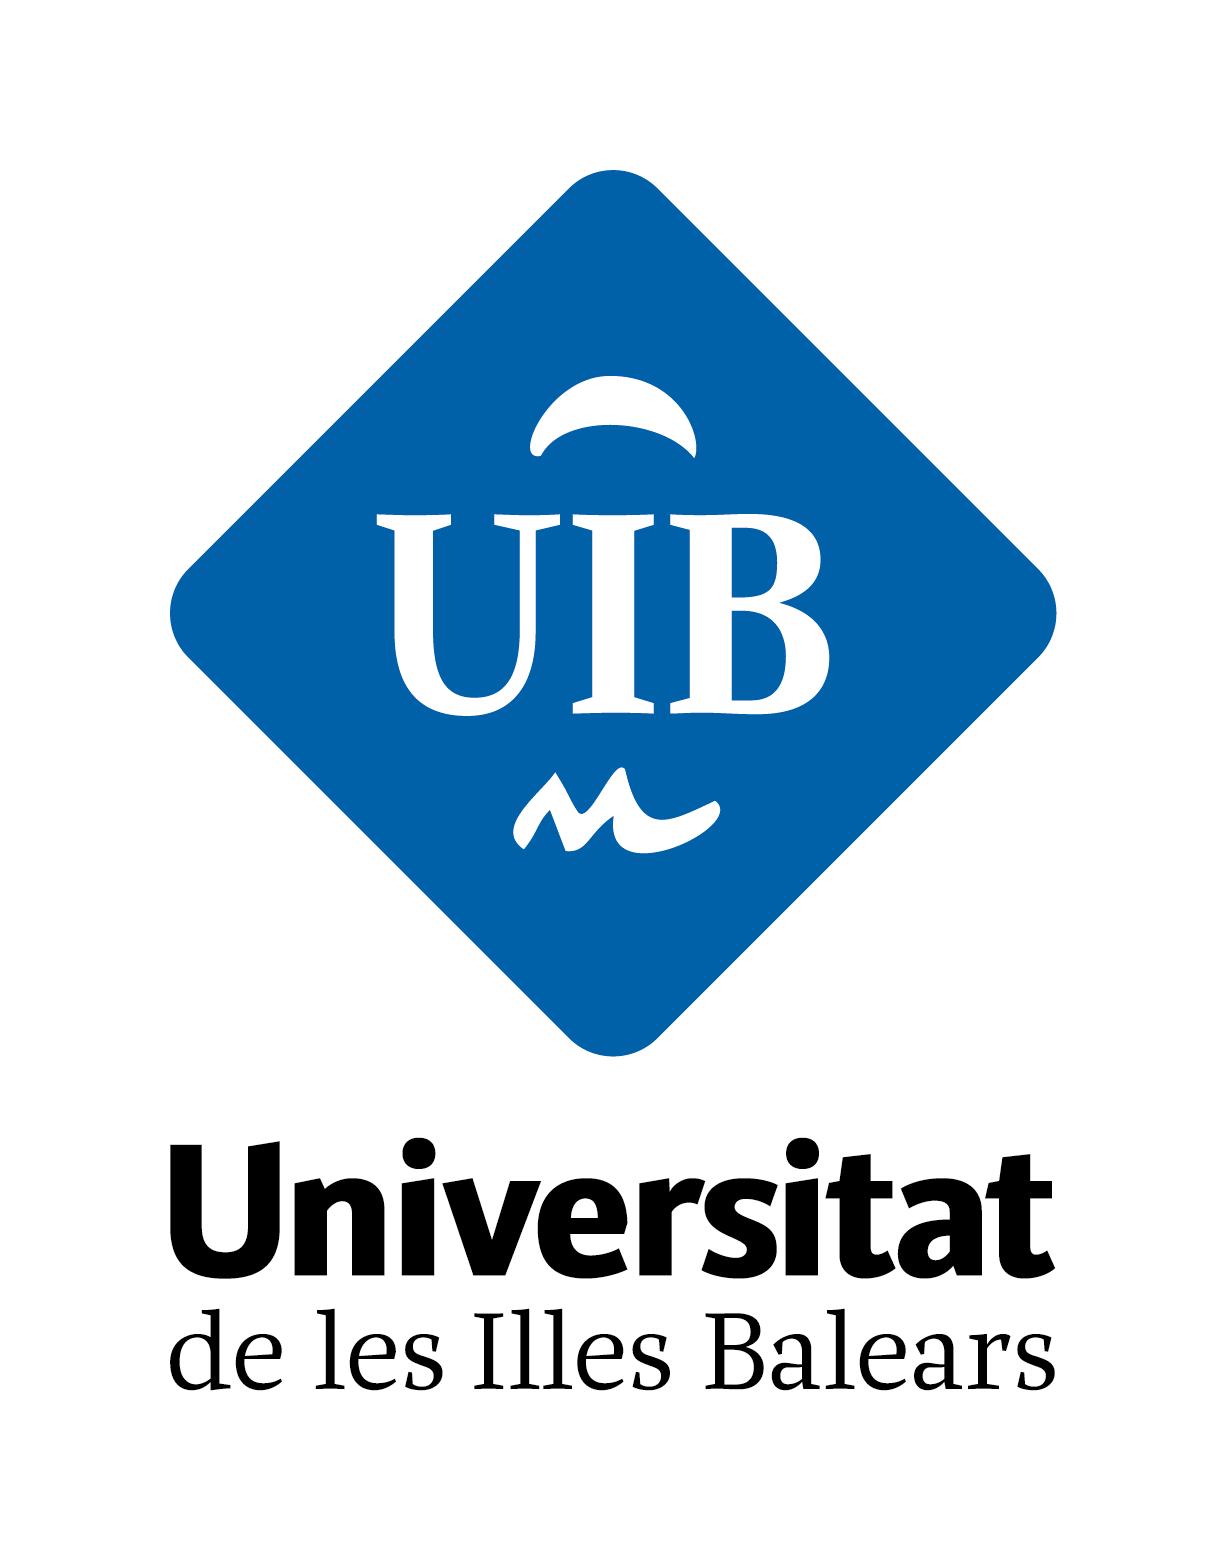 Logotips - Descàrregues - Identitat institucional - Universitat de les  Illes Balears